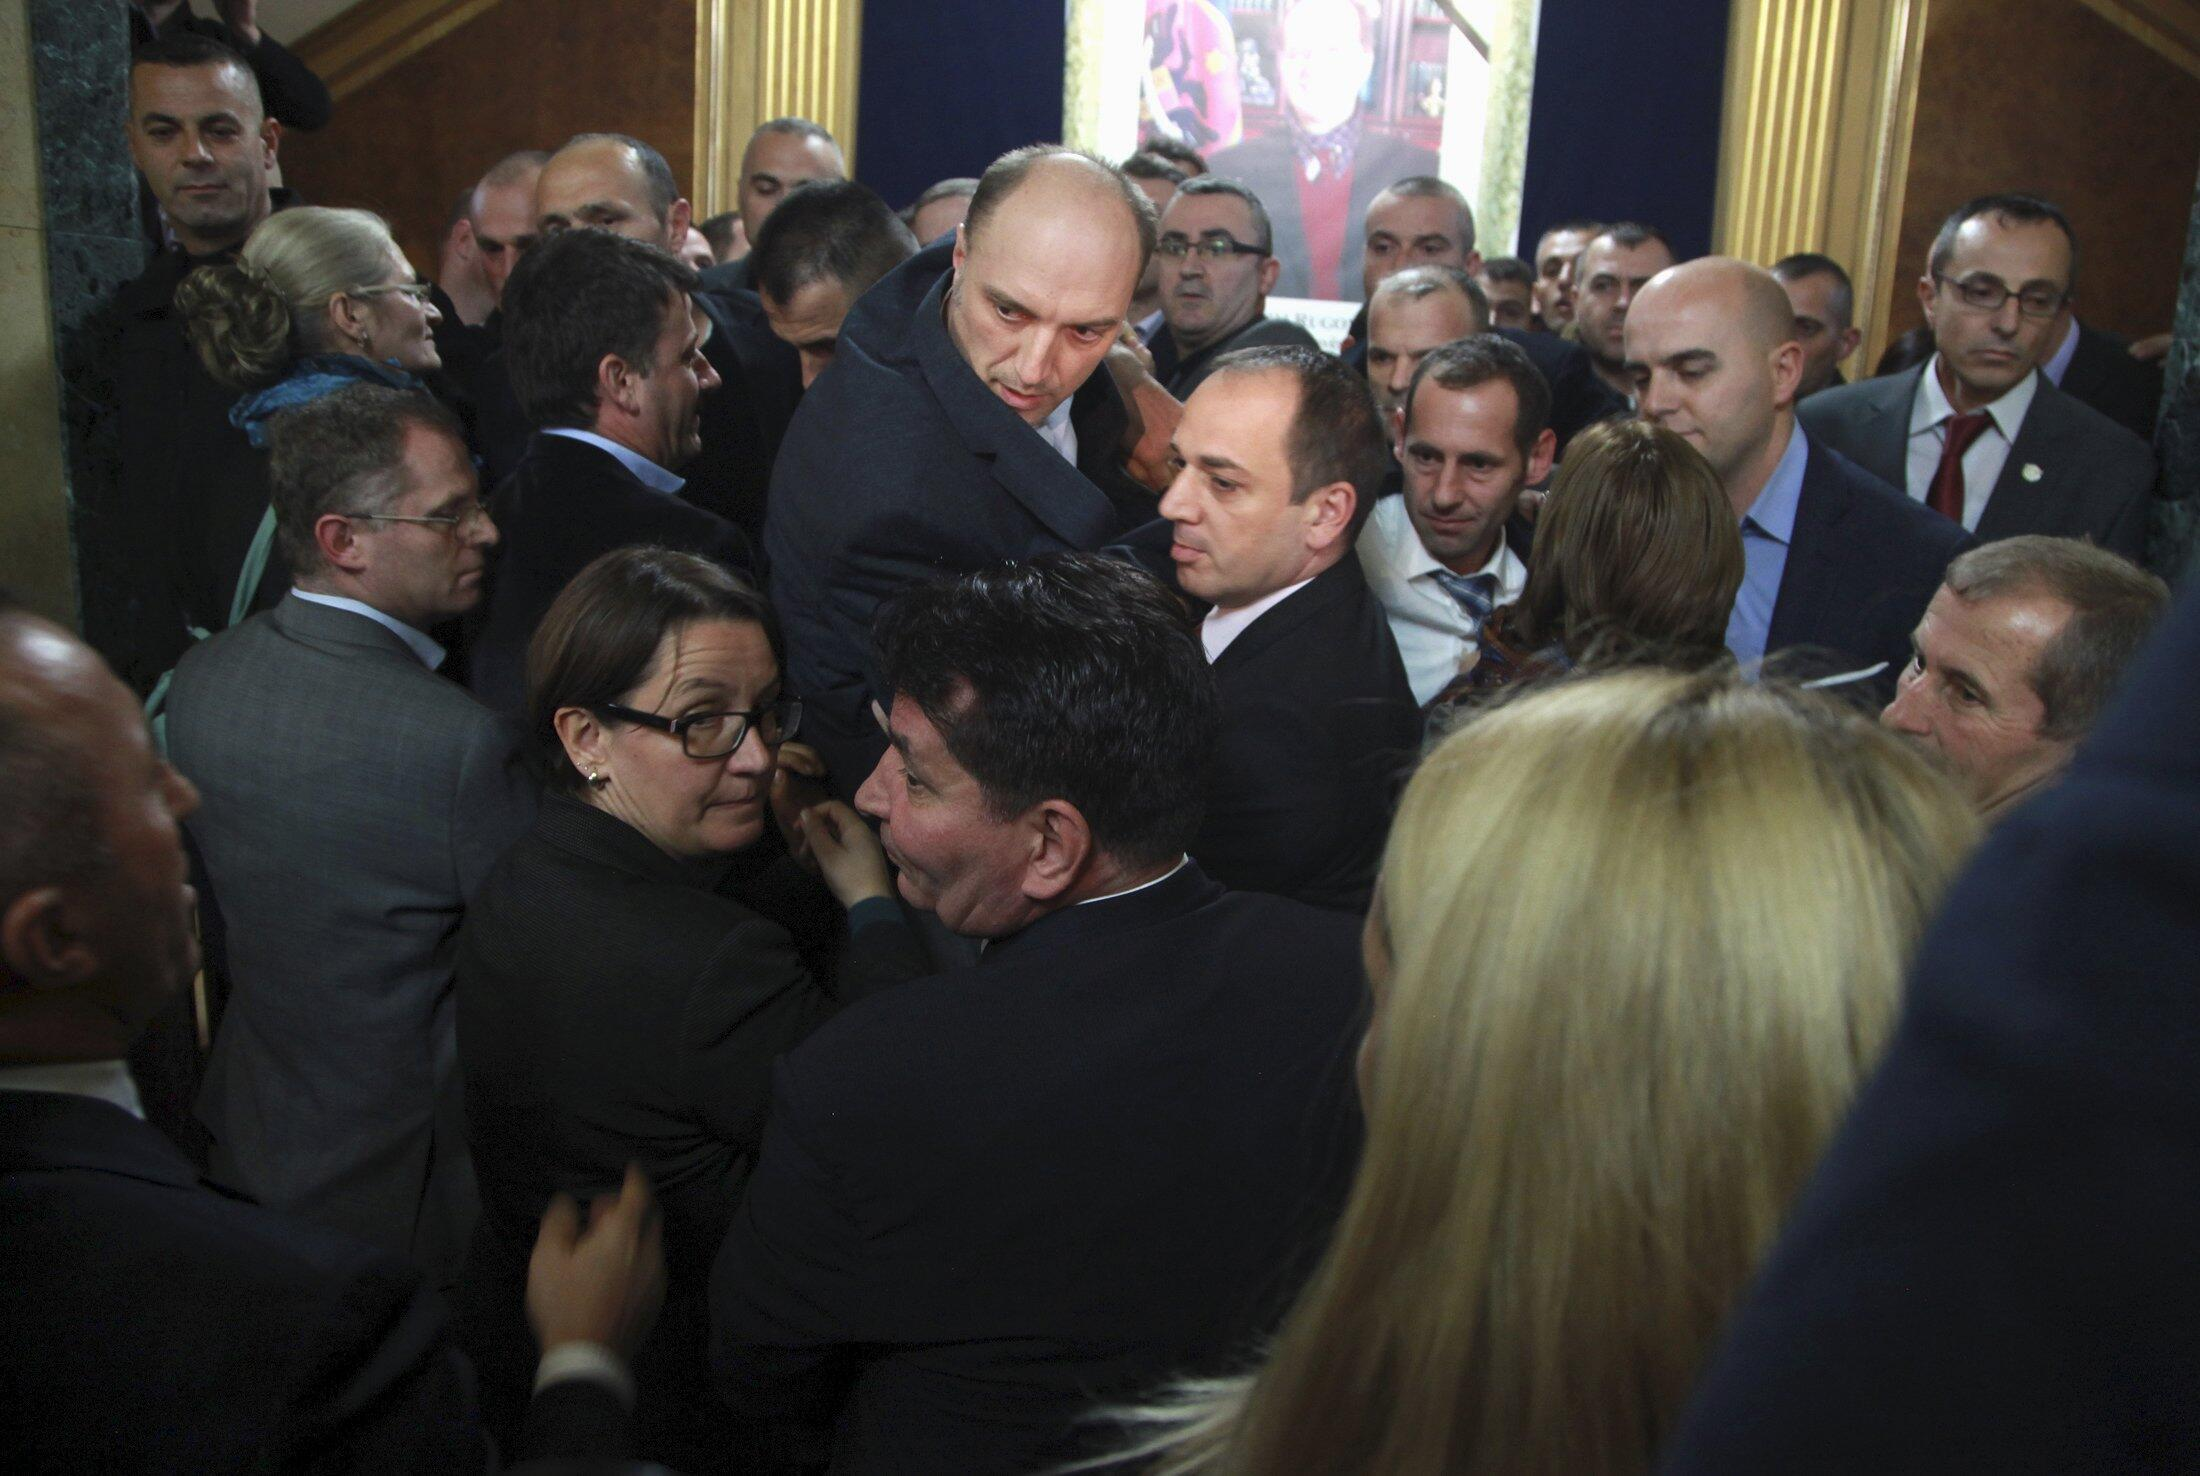 Des tirs de gaz lacrymogènes ont eu lieu au sein du Parlement au Kosovo, le 30 novembre 2015.